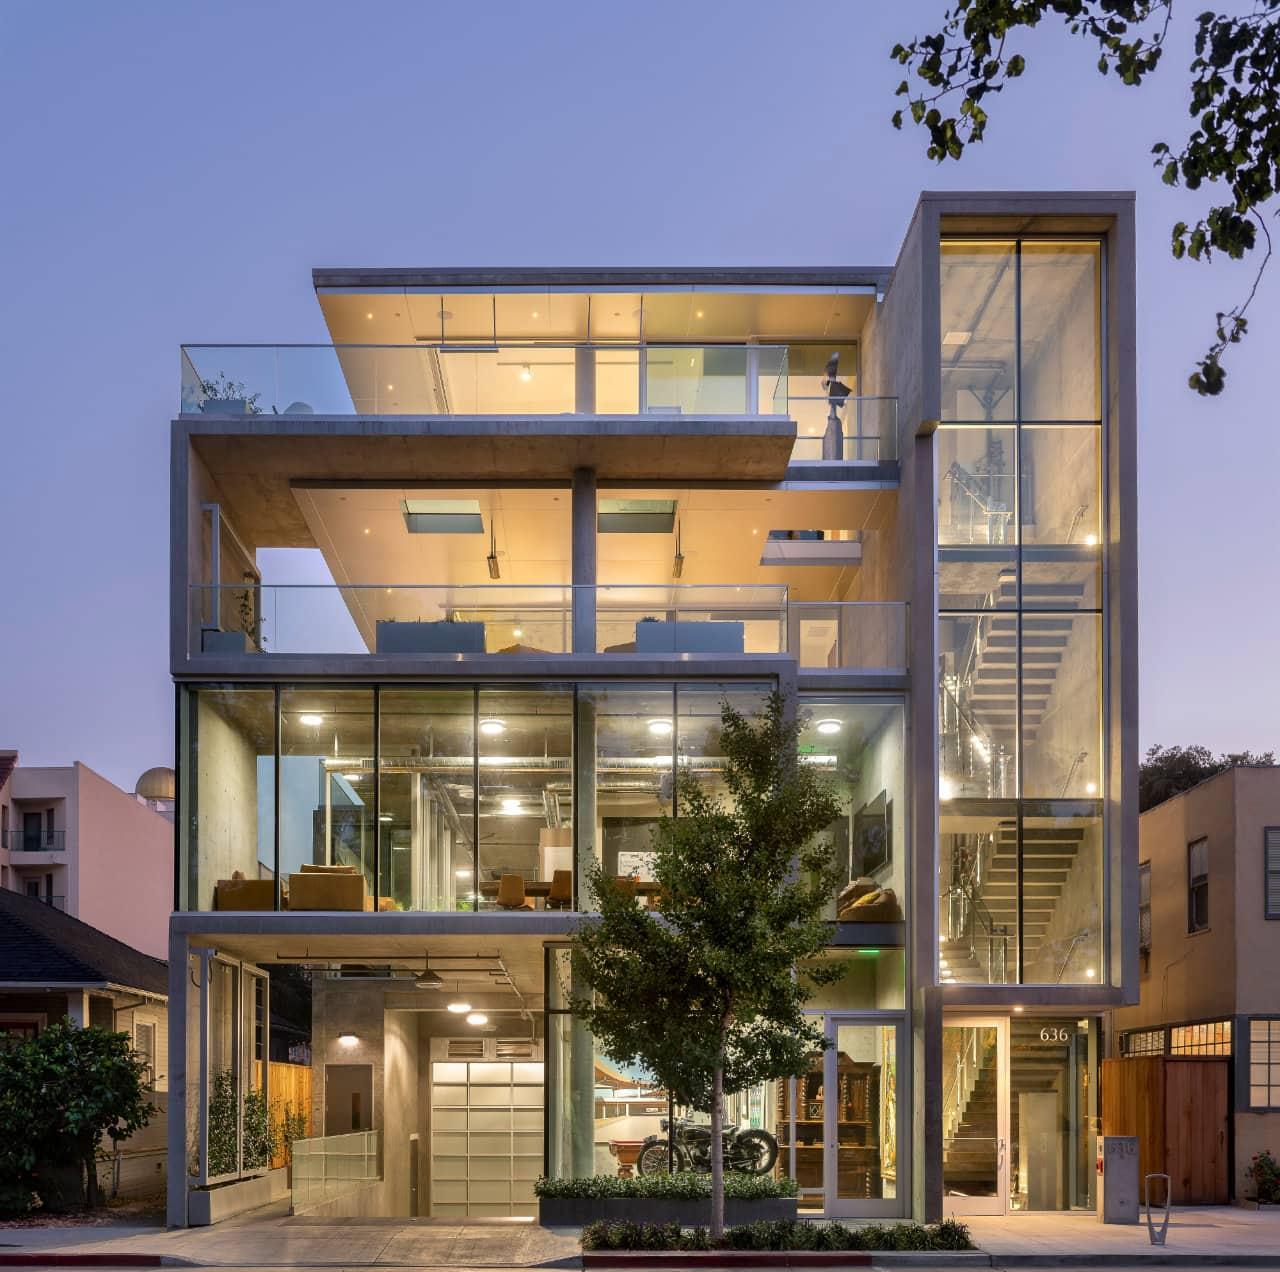 636 Waverly, California (Hayes Group Architects)